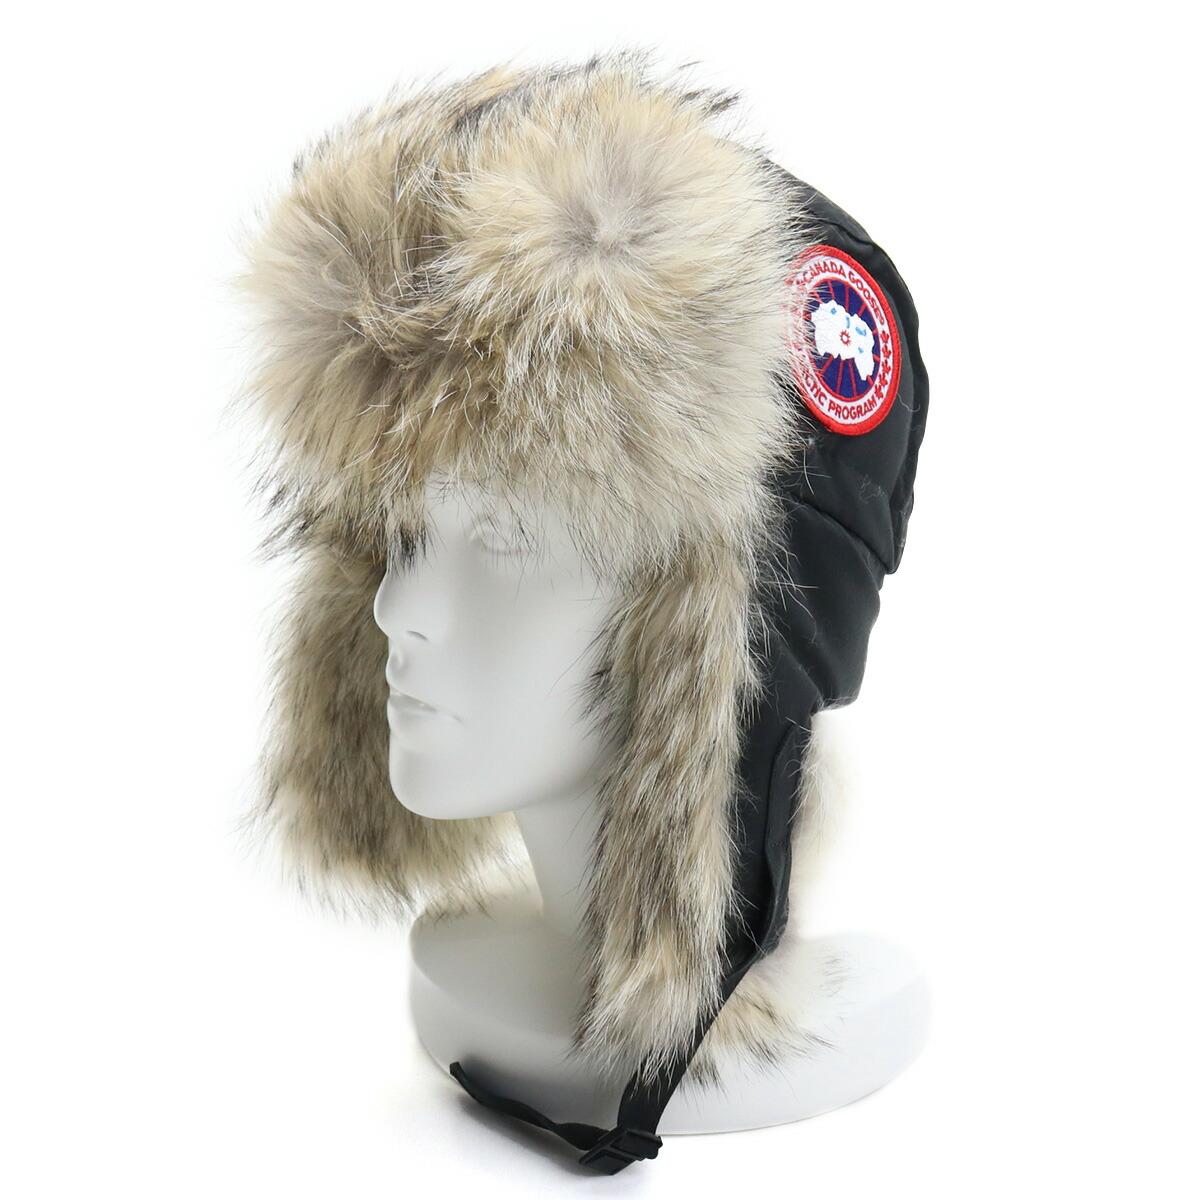 カナダグース CANADA GOOSE AVIATOR HAT メンズ-帽子類 5187M 61 BLACK ブラック bos-16 cap-01 メンズ